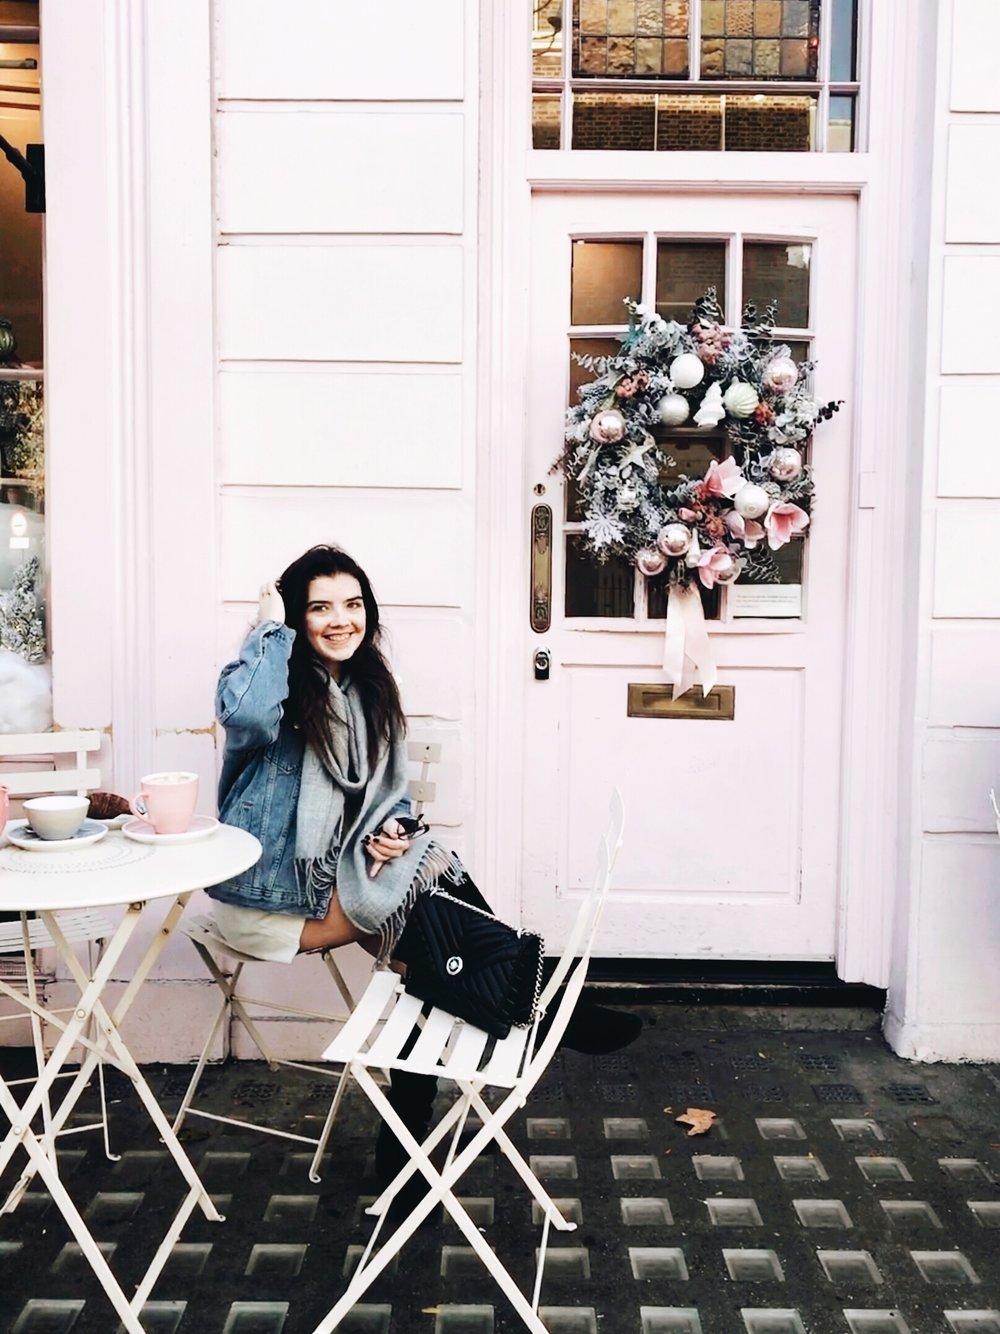 Peggy Porschen Cake Shop London Christmas